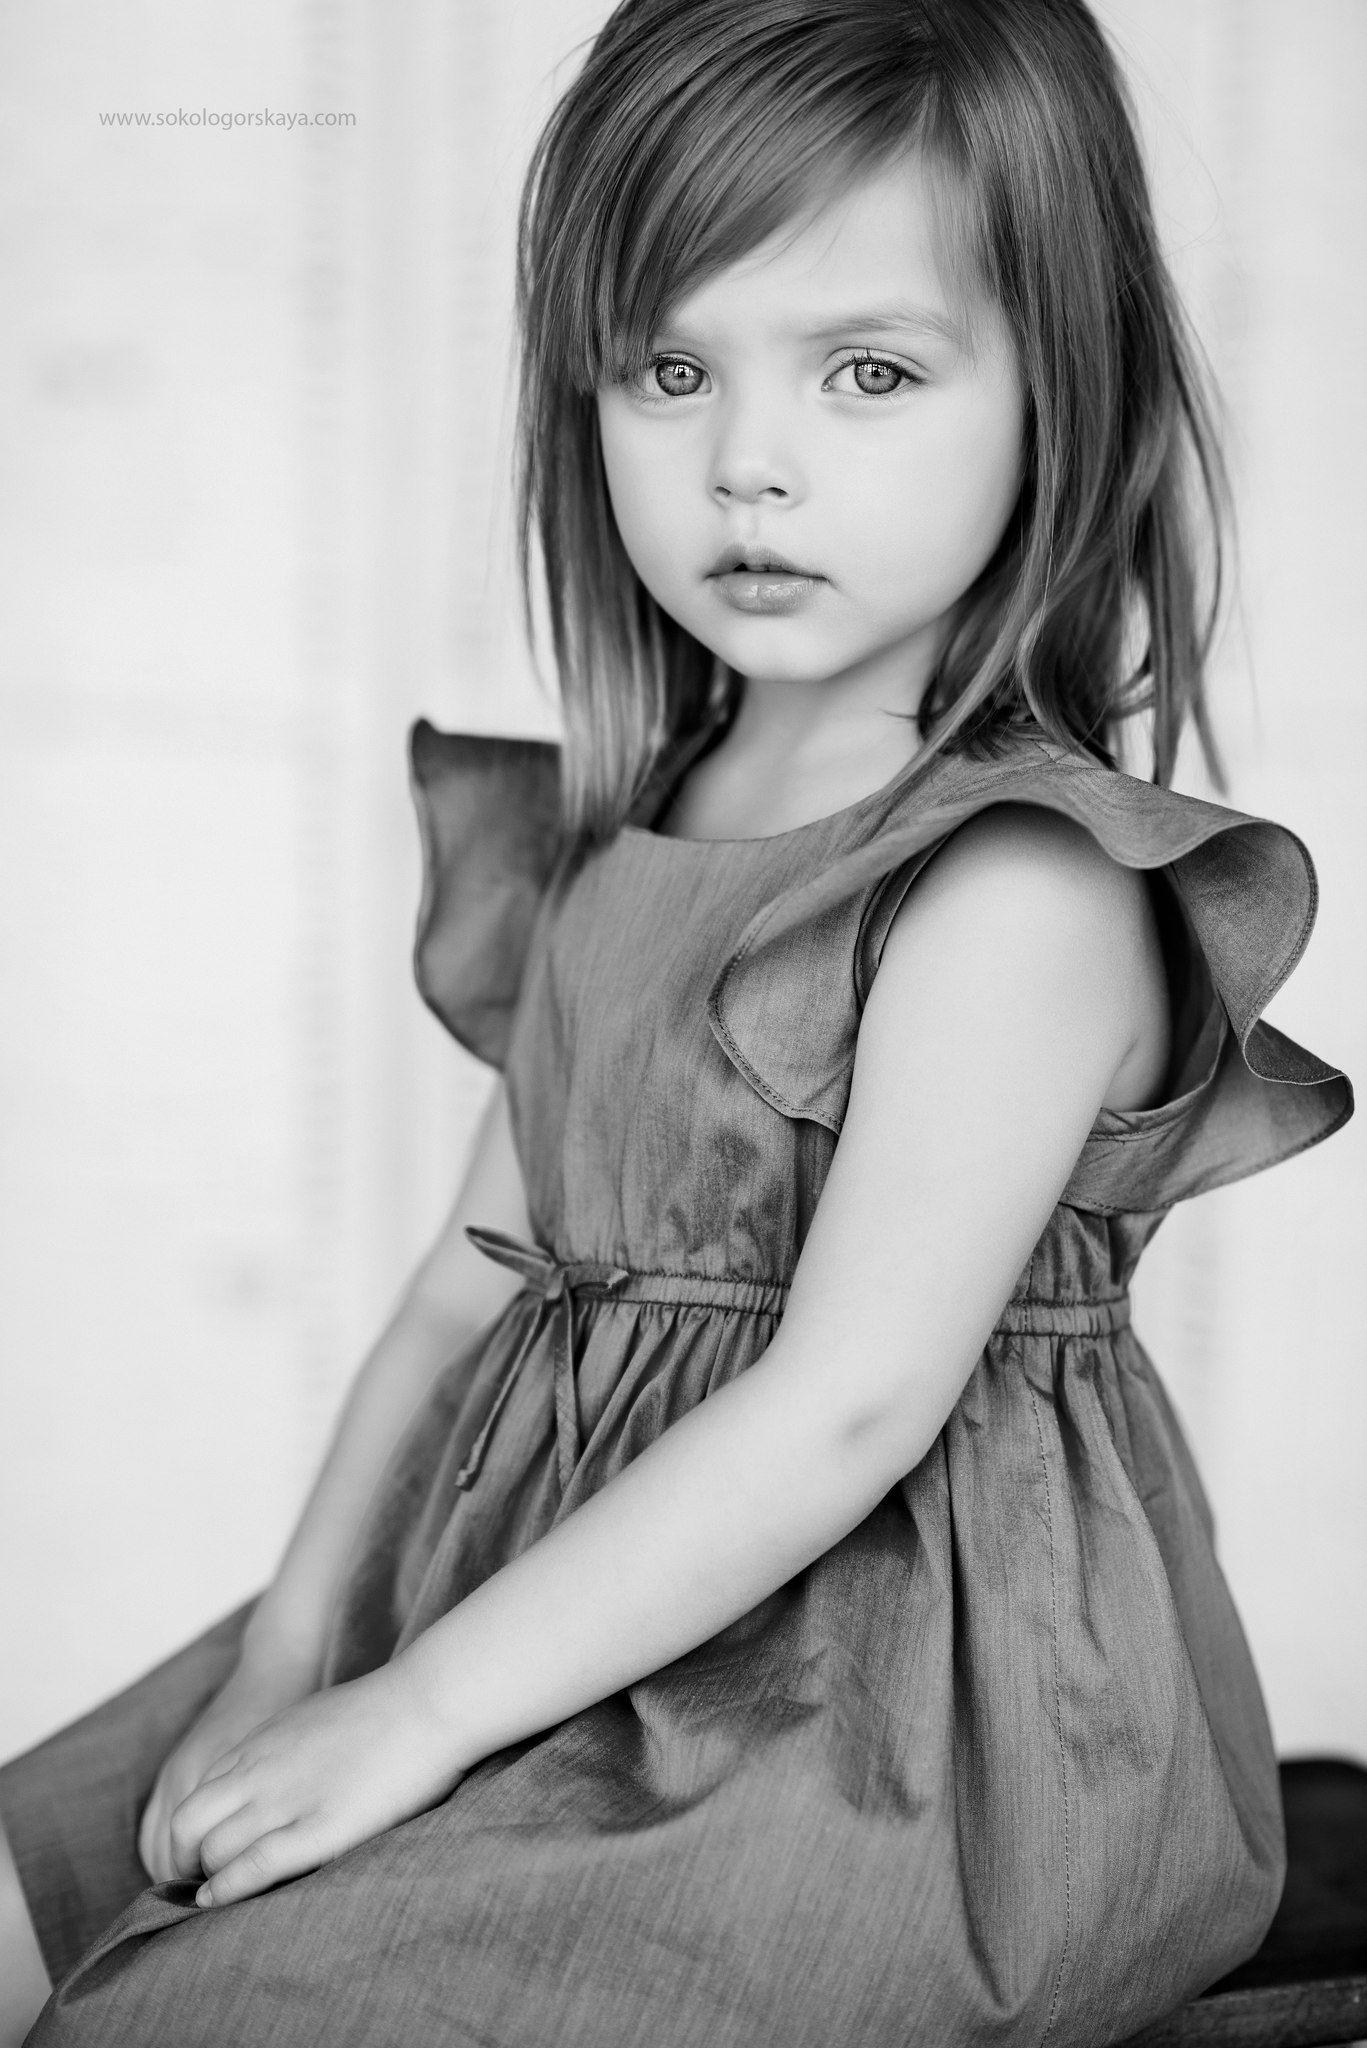 Pin by Johanna Miller on Cute kids Pinterest